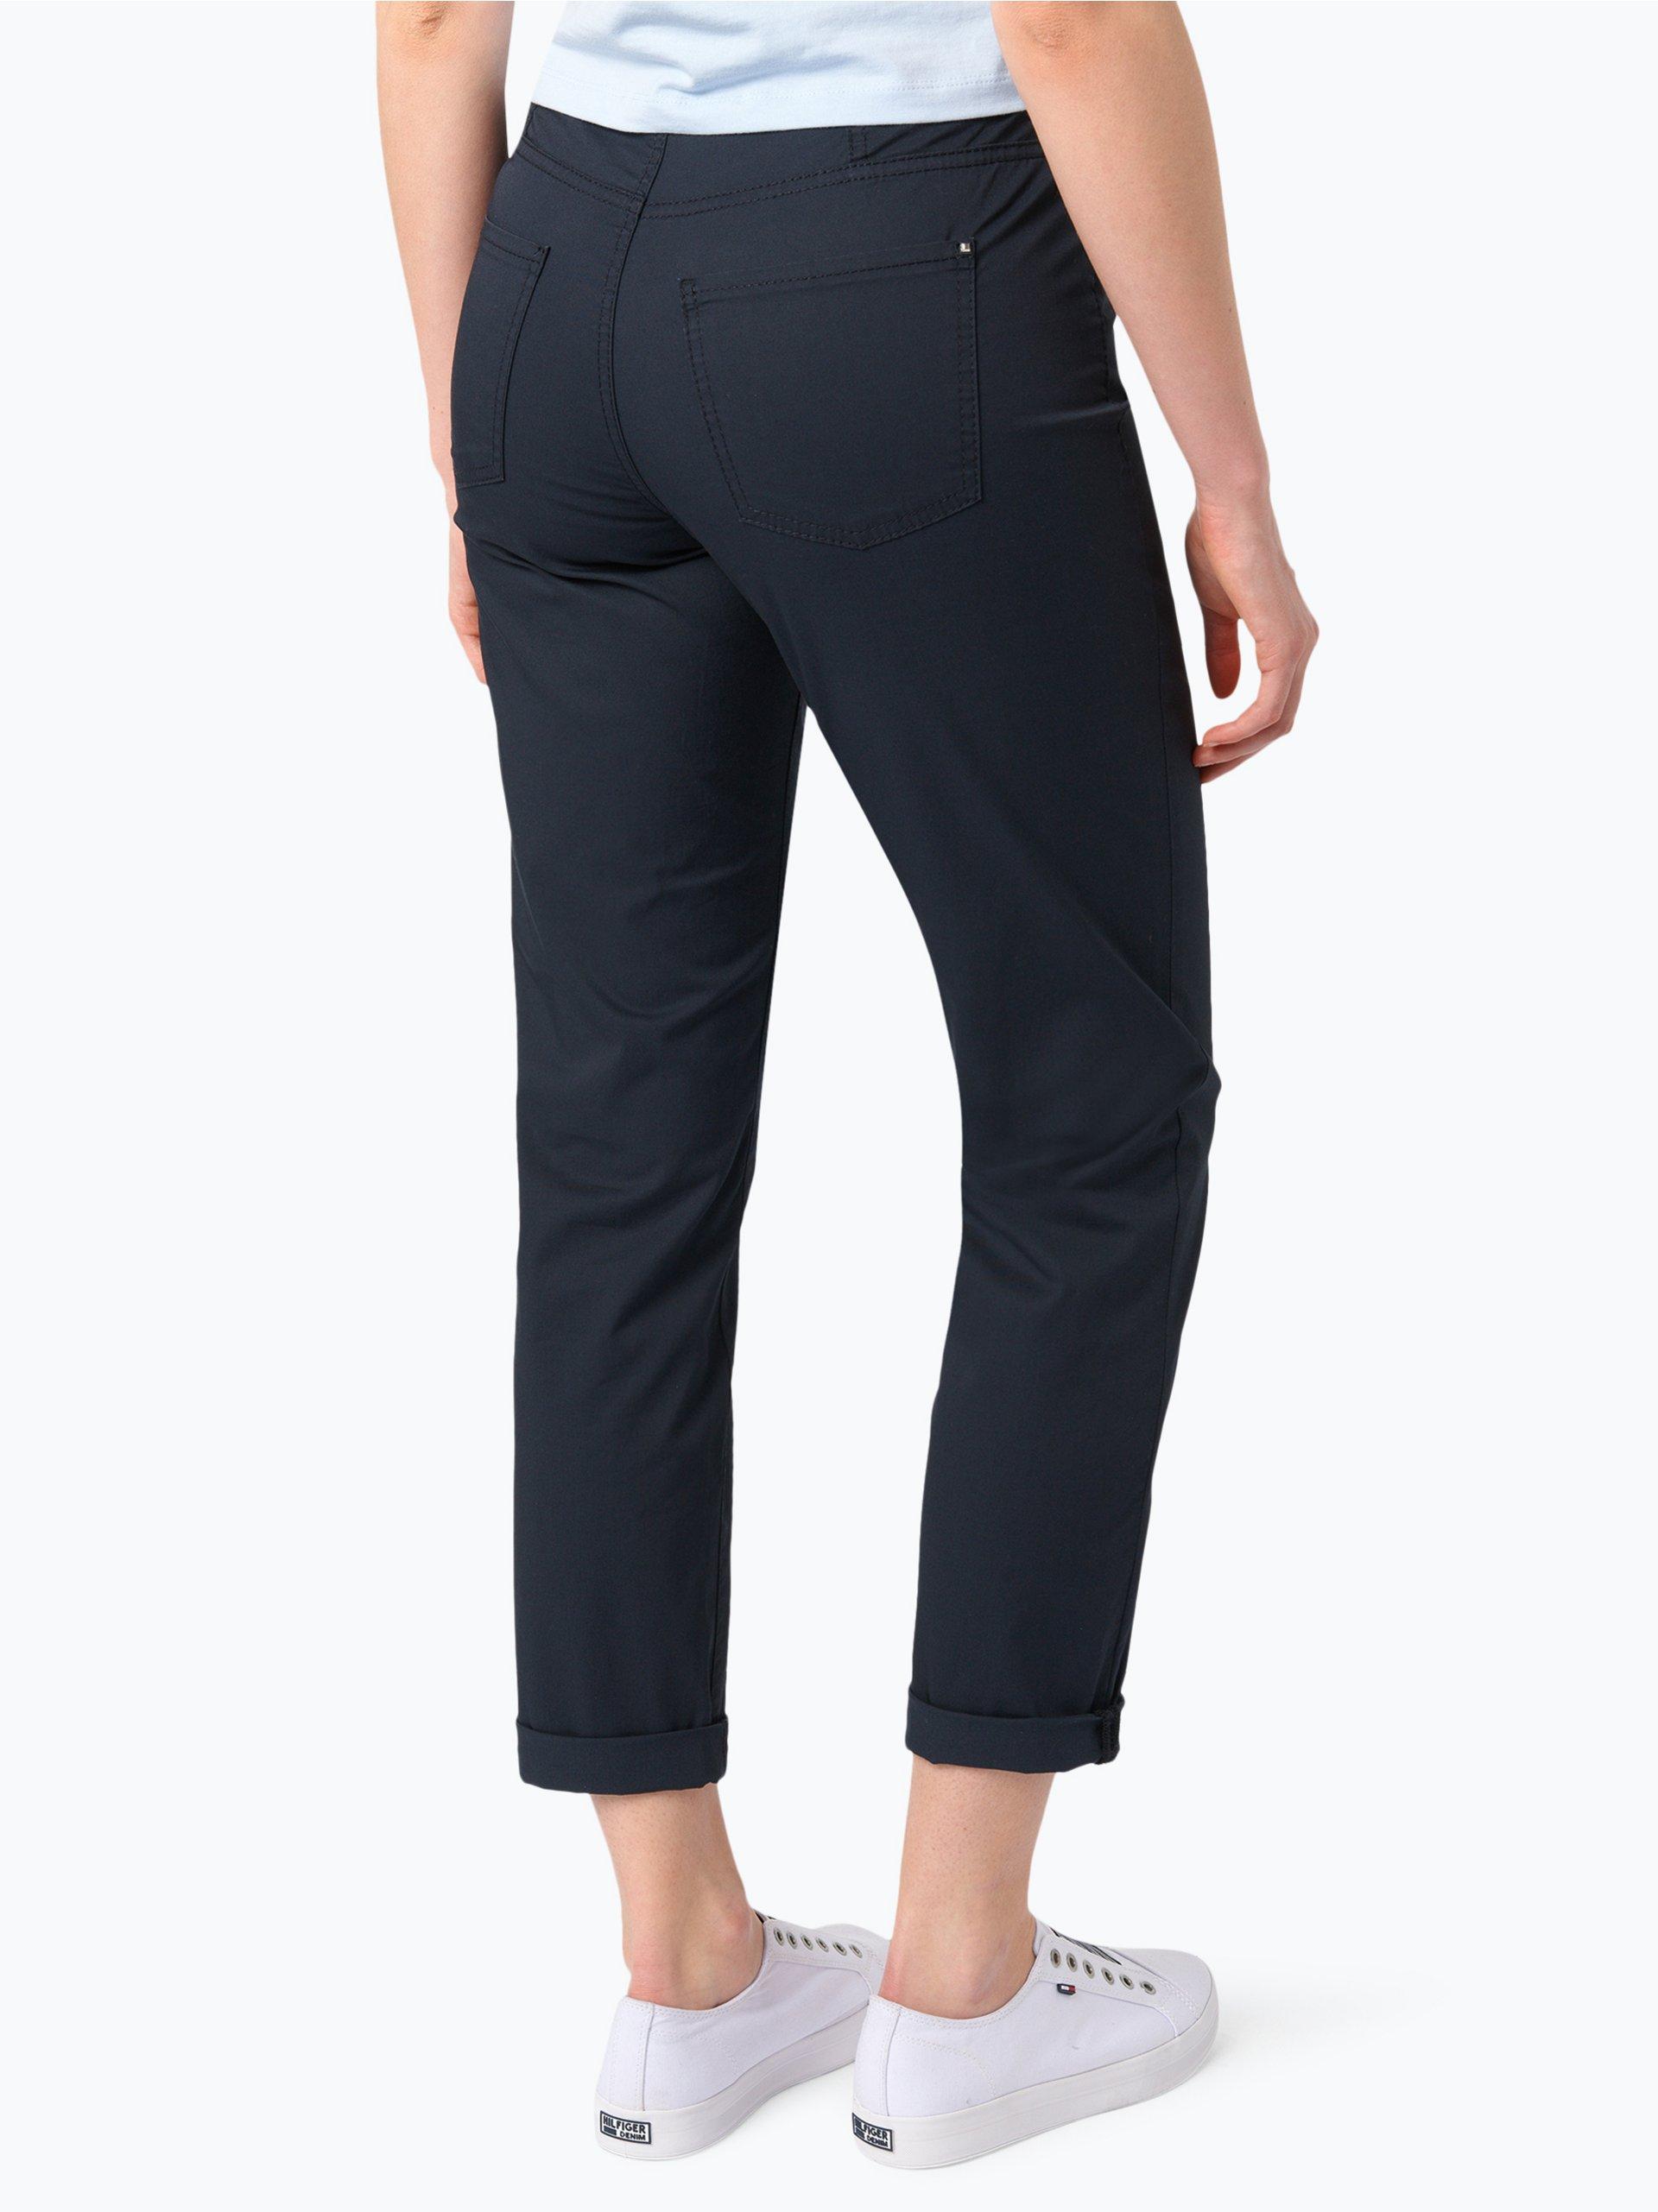 Cambio Spodnie damskie – Pearlie